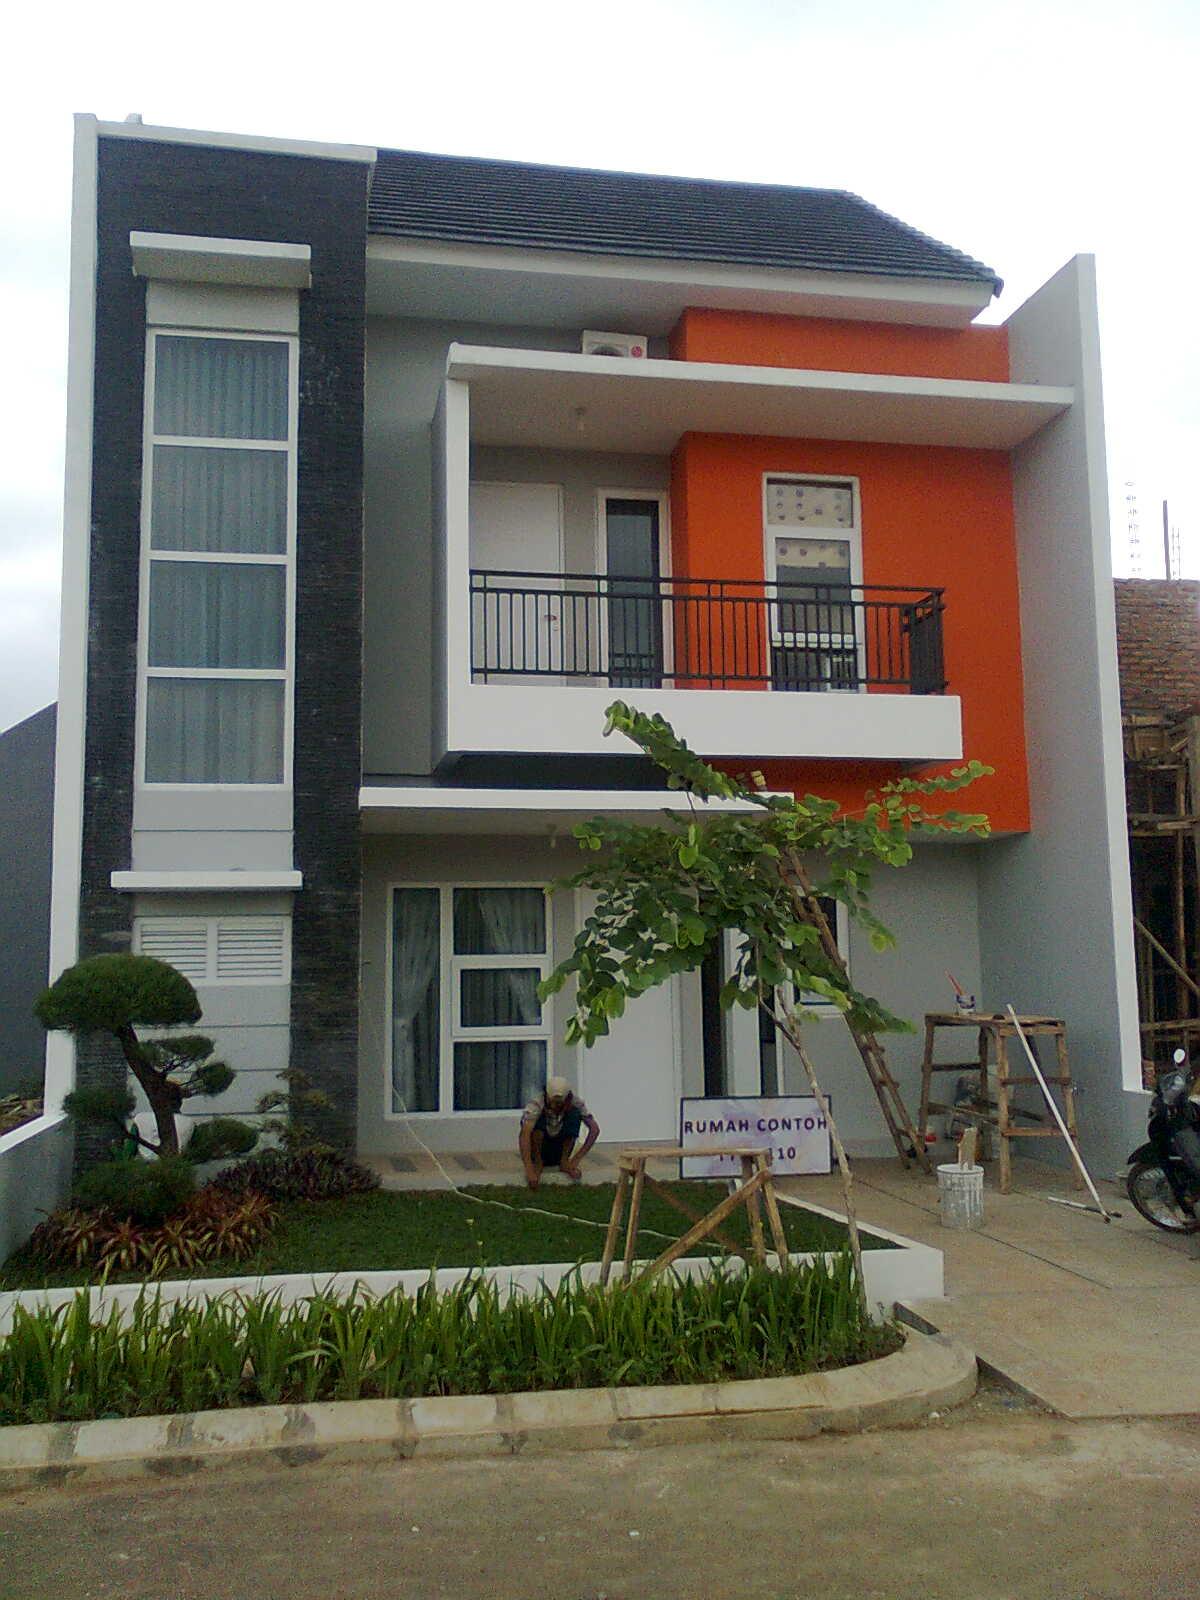 desain rumah minimalis pilihan 2 desain rumah minimalis pilihan 3 ...